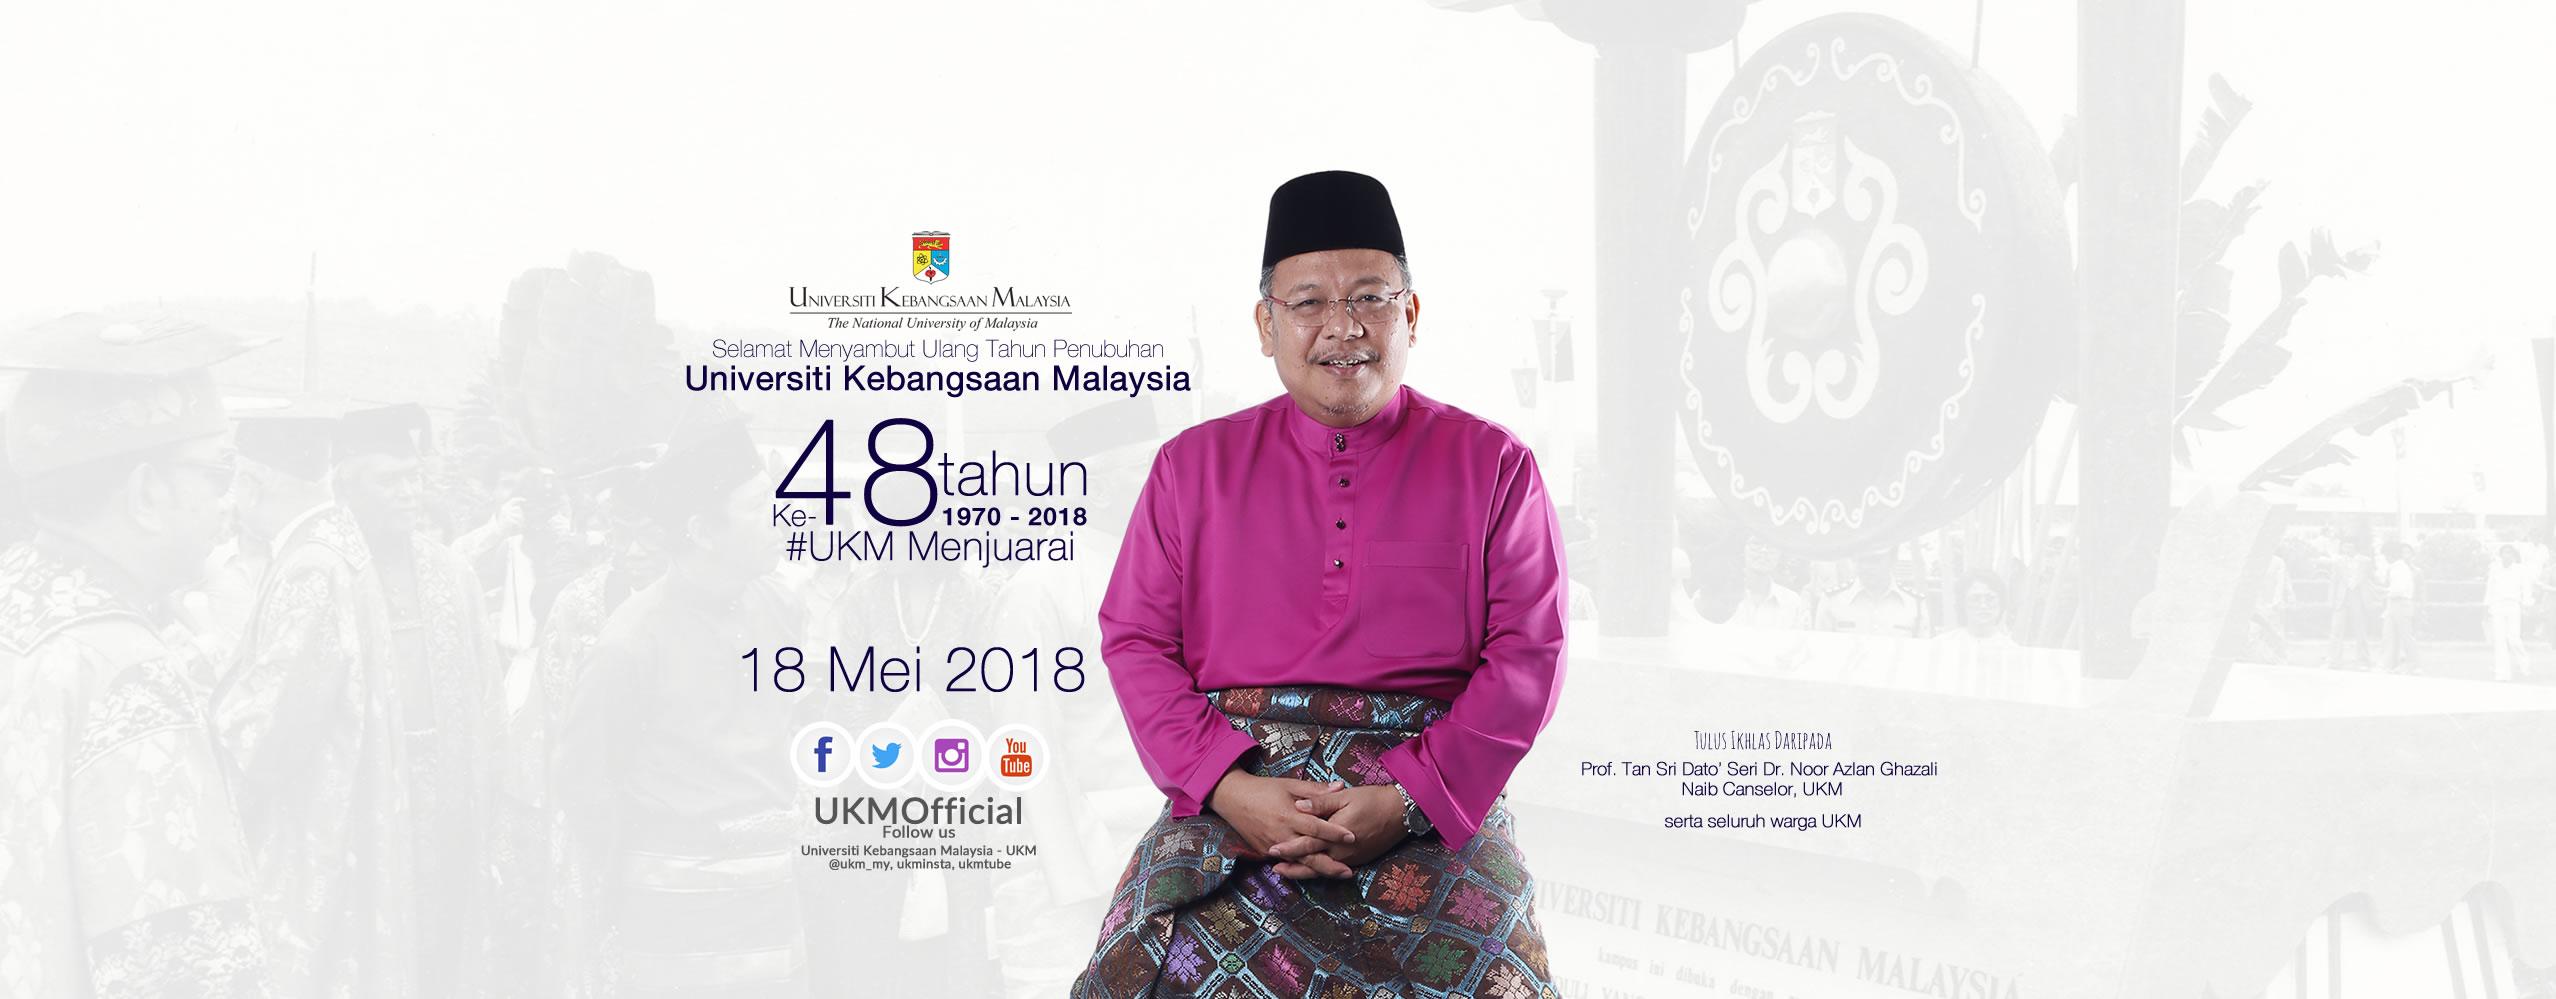 Ulang tahun penubuhan Universiti Kebangsaan Malaysia yang ke-48 tahun